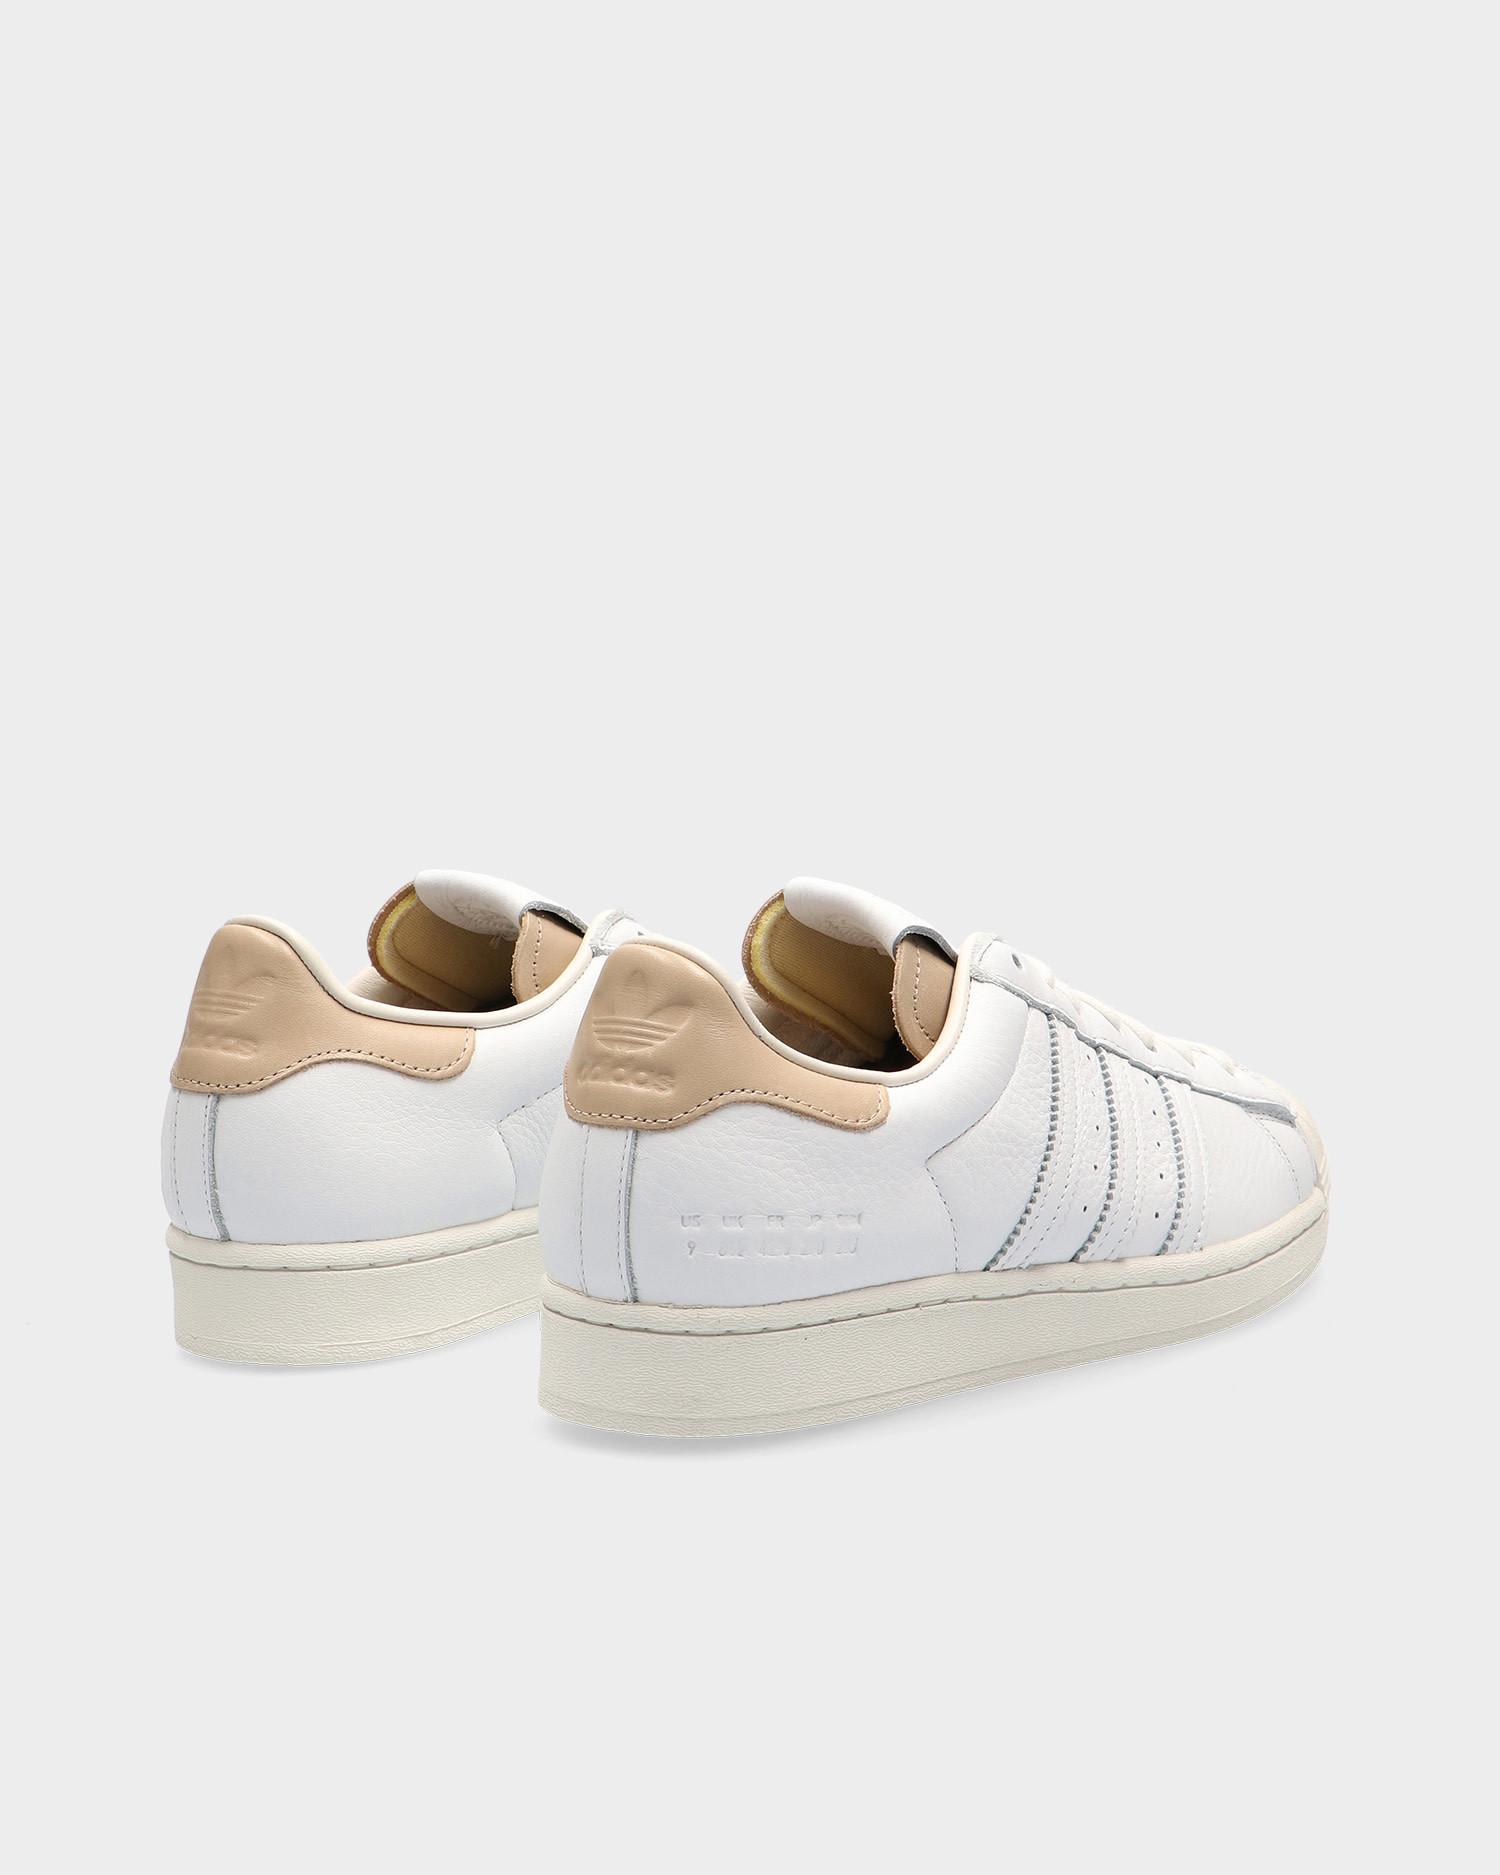 Adidas Superstar White/Off White/Blacas